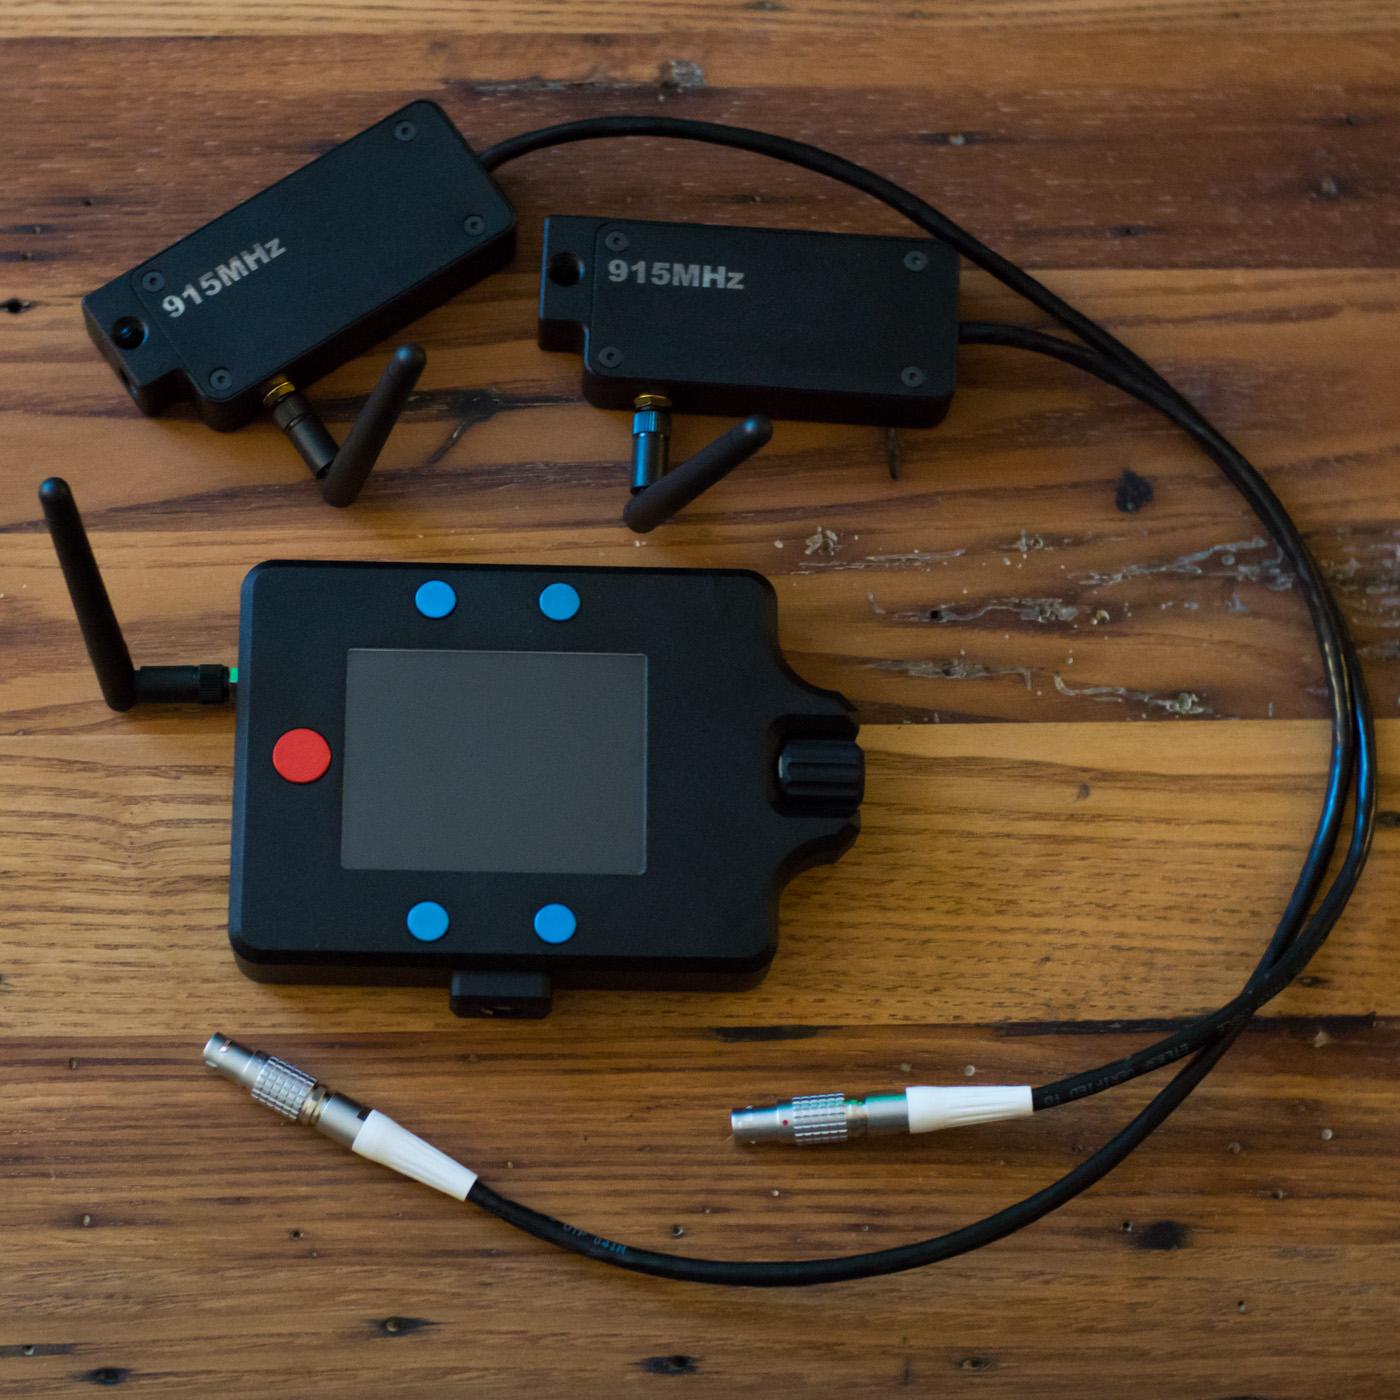 Alexaremote Control Unit and Transceivers for 2 Cameras